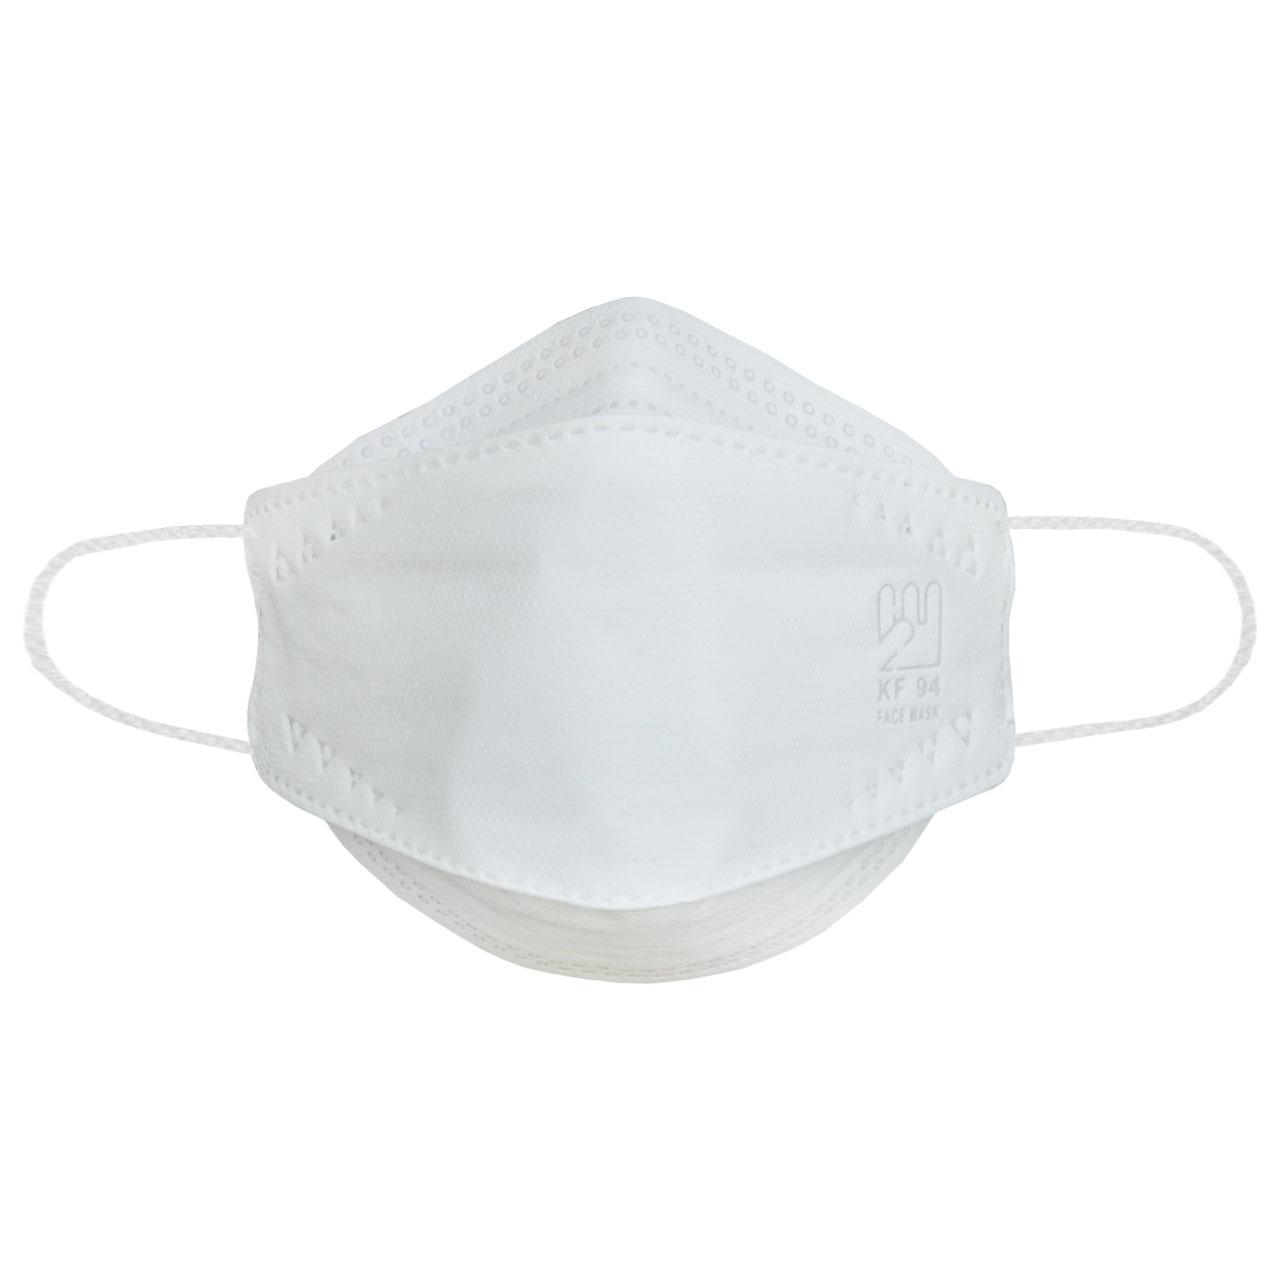 ماسک تنفسی بهسا مدل سه بعدی BSA-03-Ww بسته 3 عددی